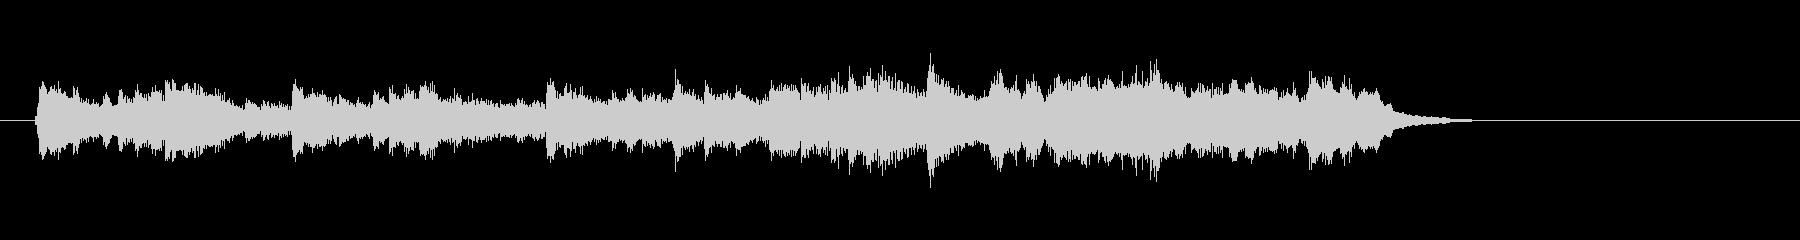 感傷的なピアノバラード(イントロ)の未再生の波形